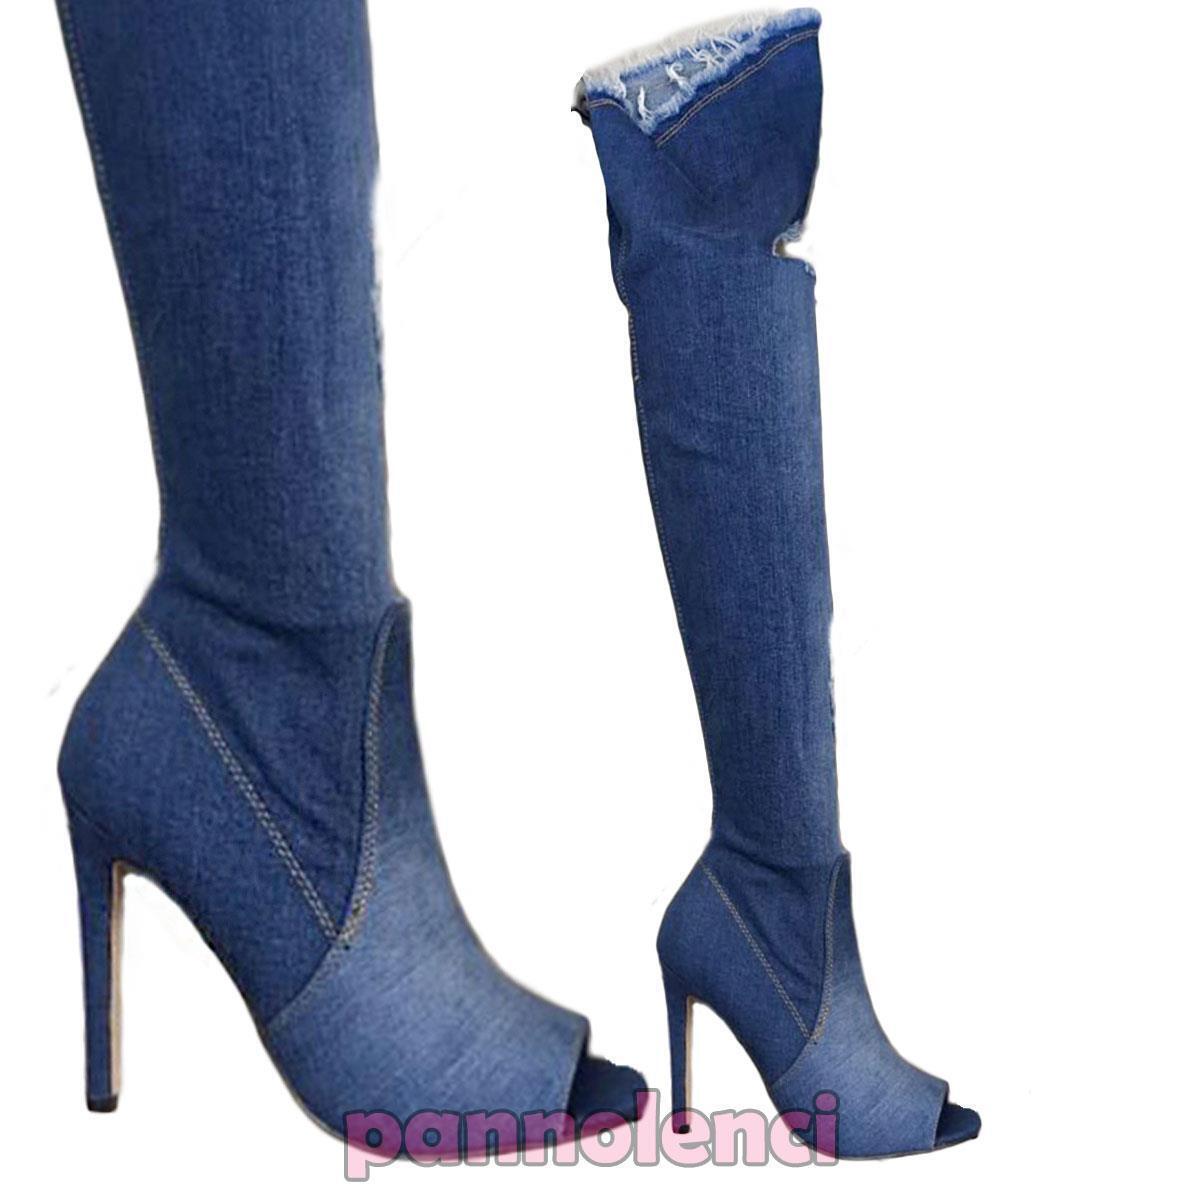 Frauenschuhe stiefel denim jeans zerrissen hoch oben up knie neu KS7039